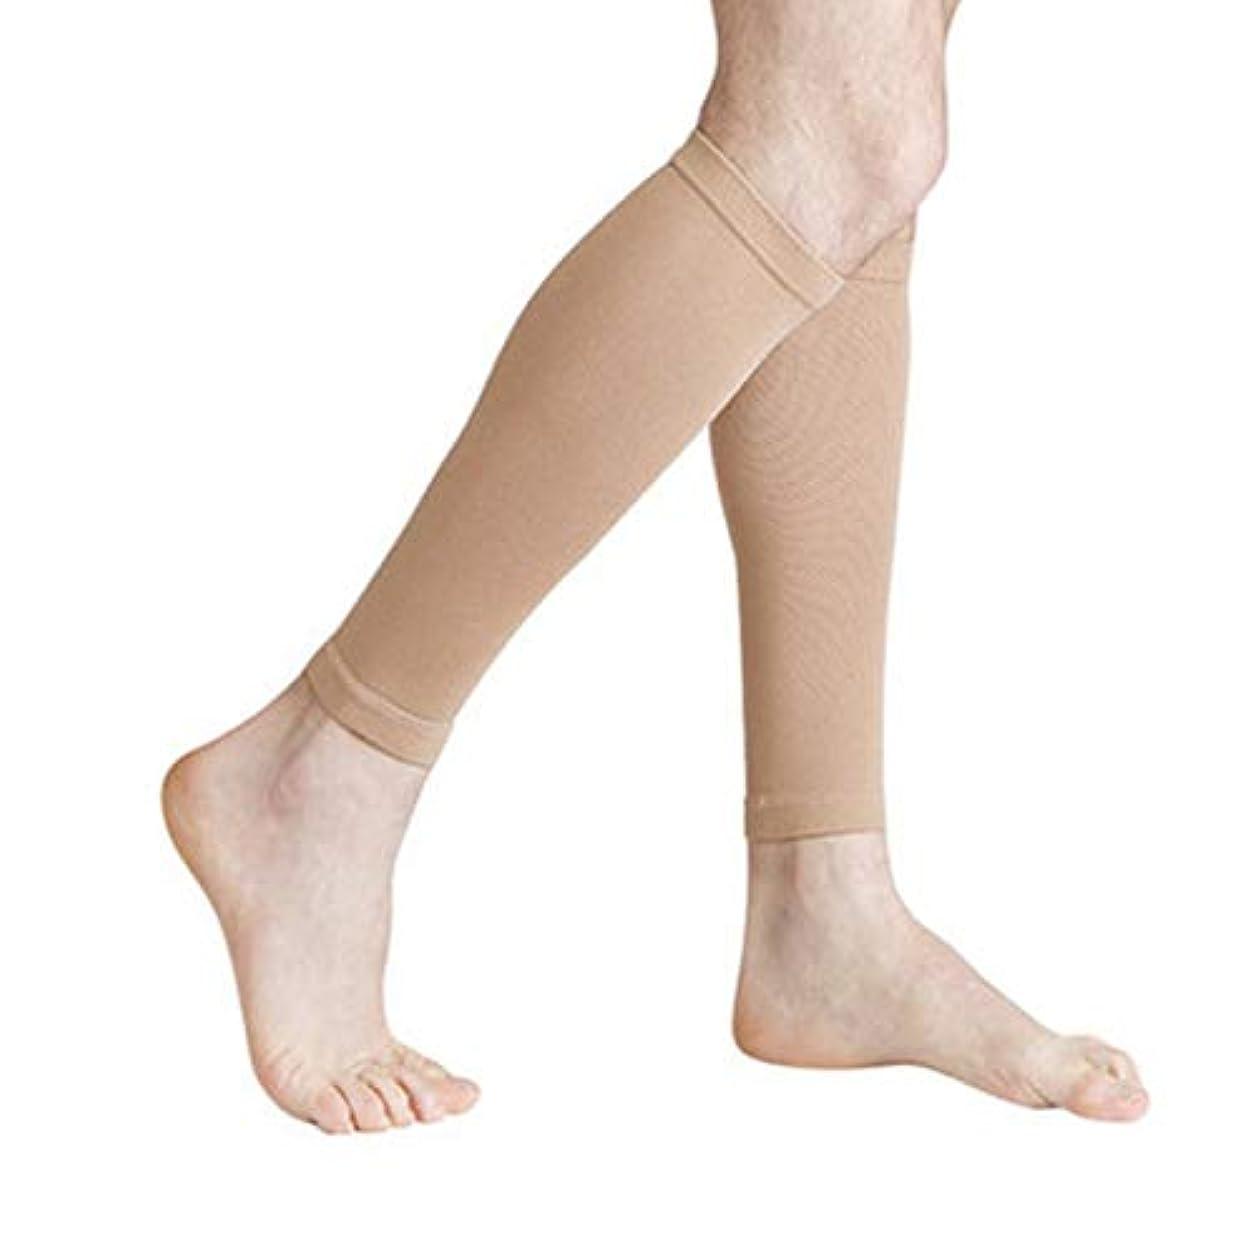 スクレーパー麺病気丈夫な男性女性プロの圧縮靴下通気性のある旅行活動看護師用シンススプリントフライトトラベル - ブラック